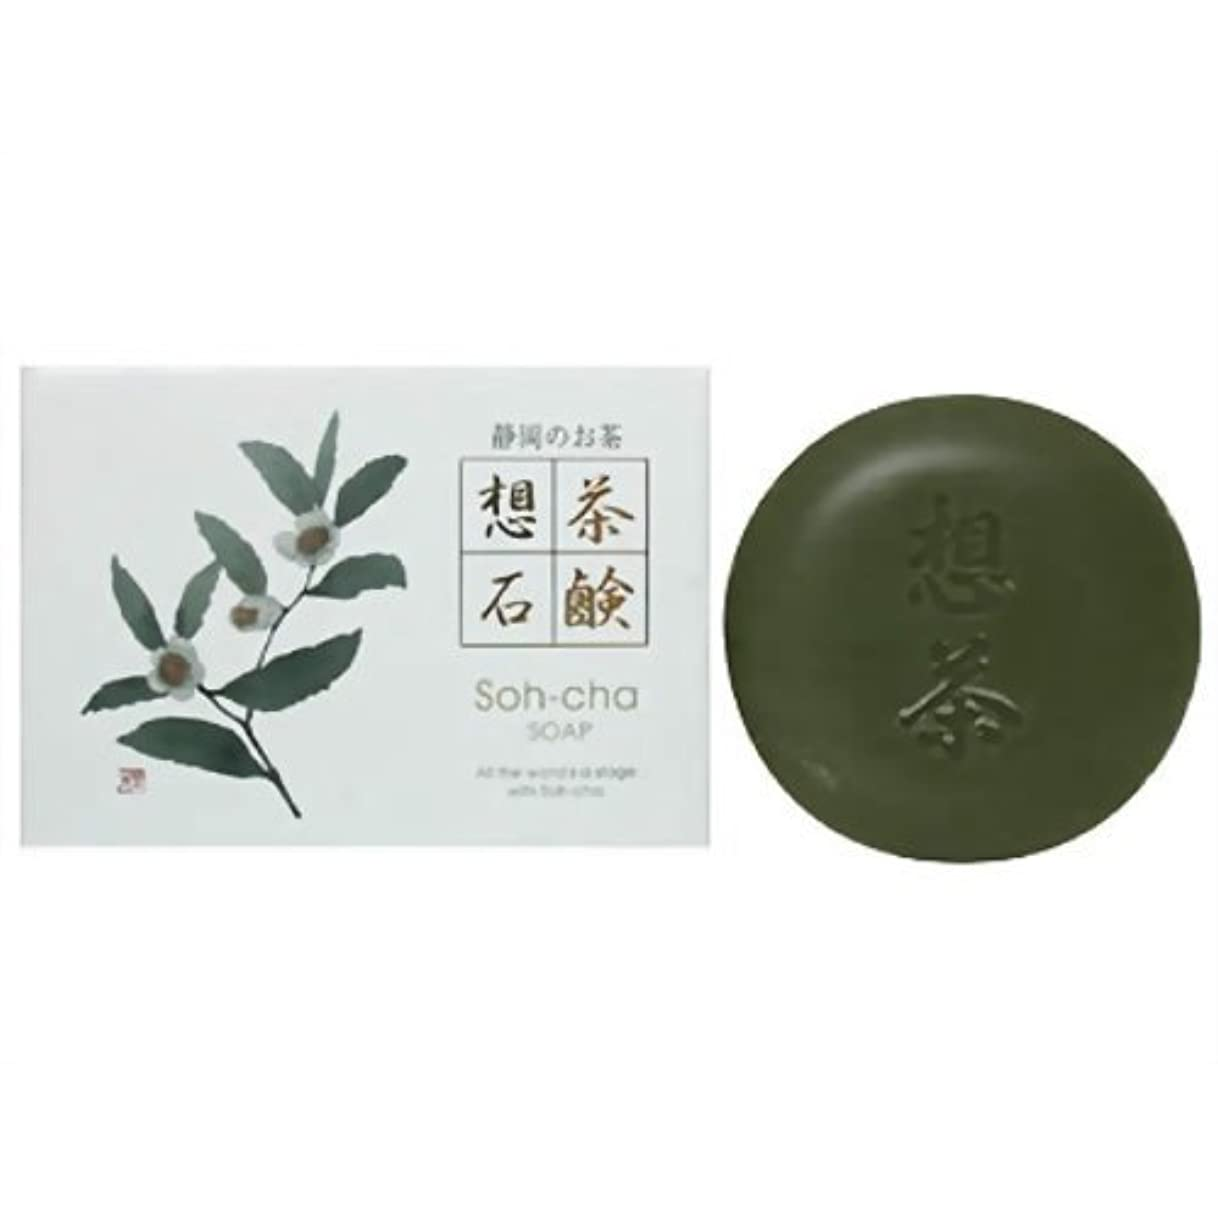 カーフ耐えられない専門用語静岡茶粉末入 想茶石鹸